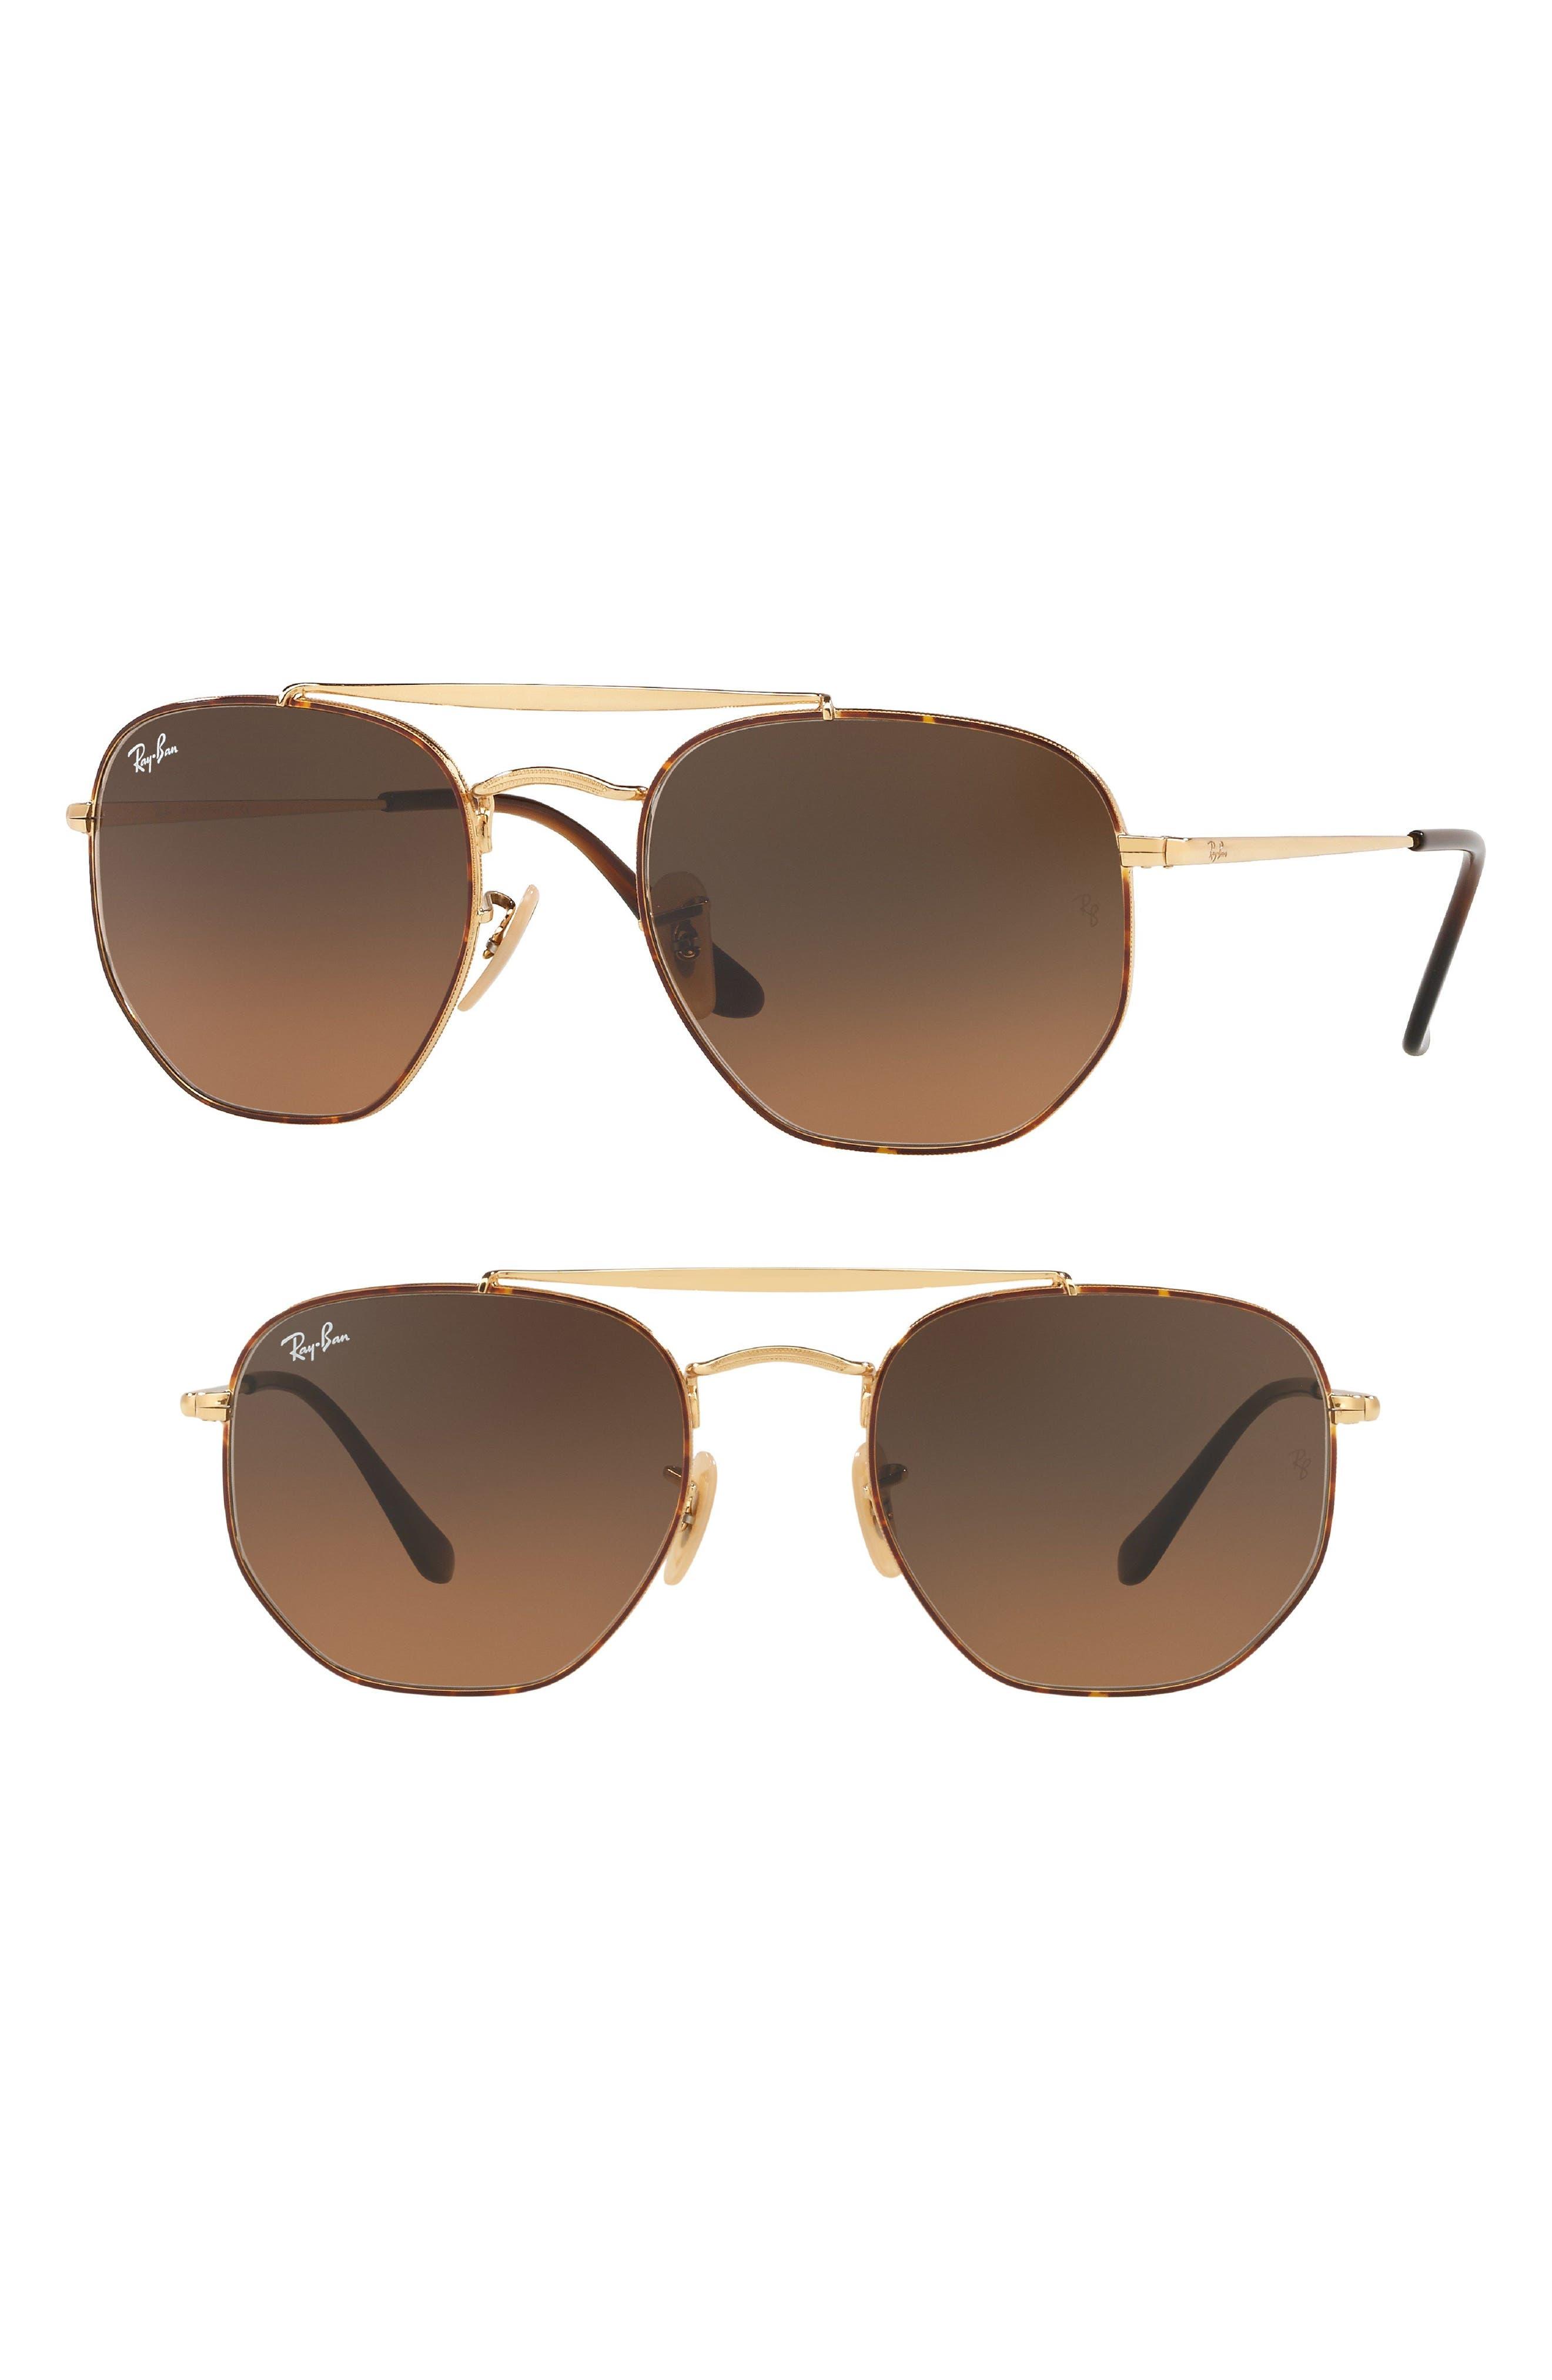 54mm Gradient Sunglasses,                             Main thumbnail 1, color,                             HAVANA GRADIENT